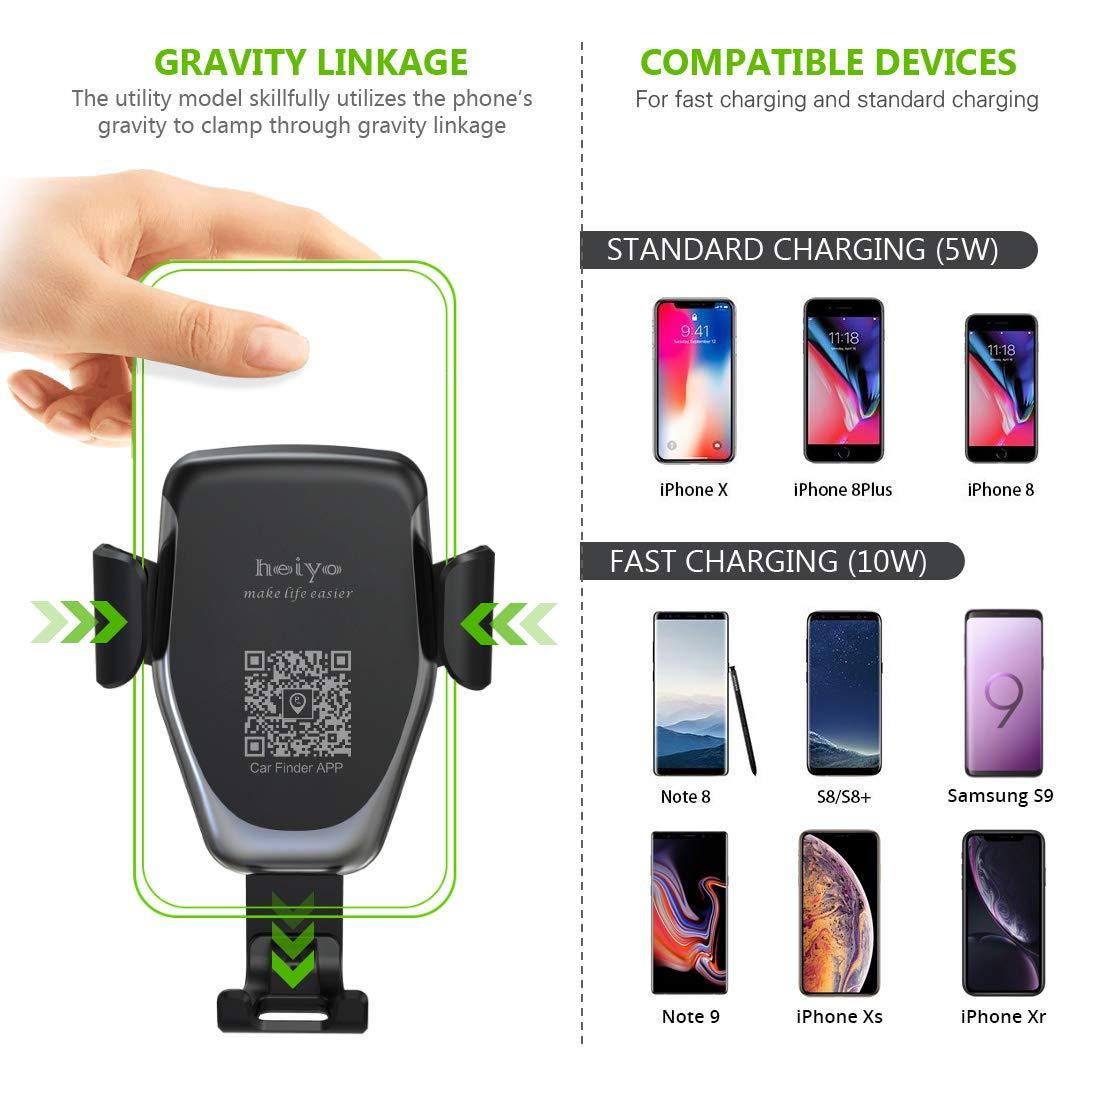 Samsung Galaxy Todo Qi Habilitado Smartphone Heiyo Cargador Inal/ámbrico Coche R/ápida Cargador de Coche Aplicable a Rejillas del Aire para iPhone X//XS//XR iPhone 8//8 Plus 10W Qi Cargador Wireless